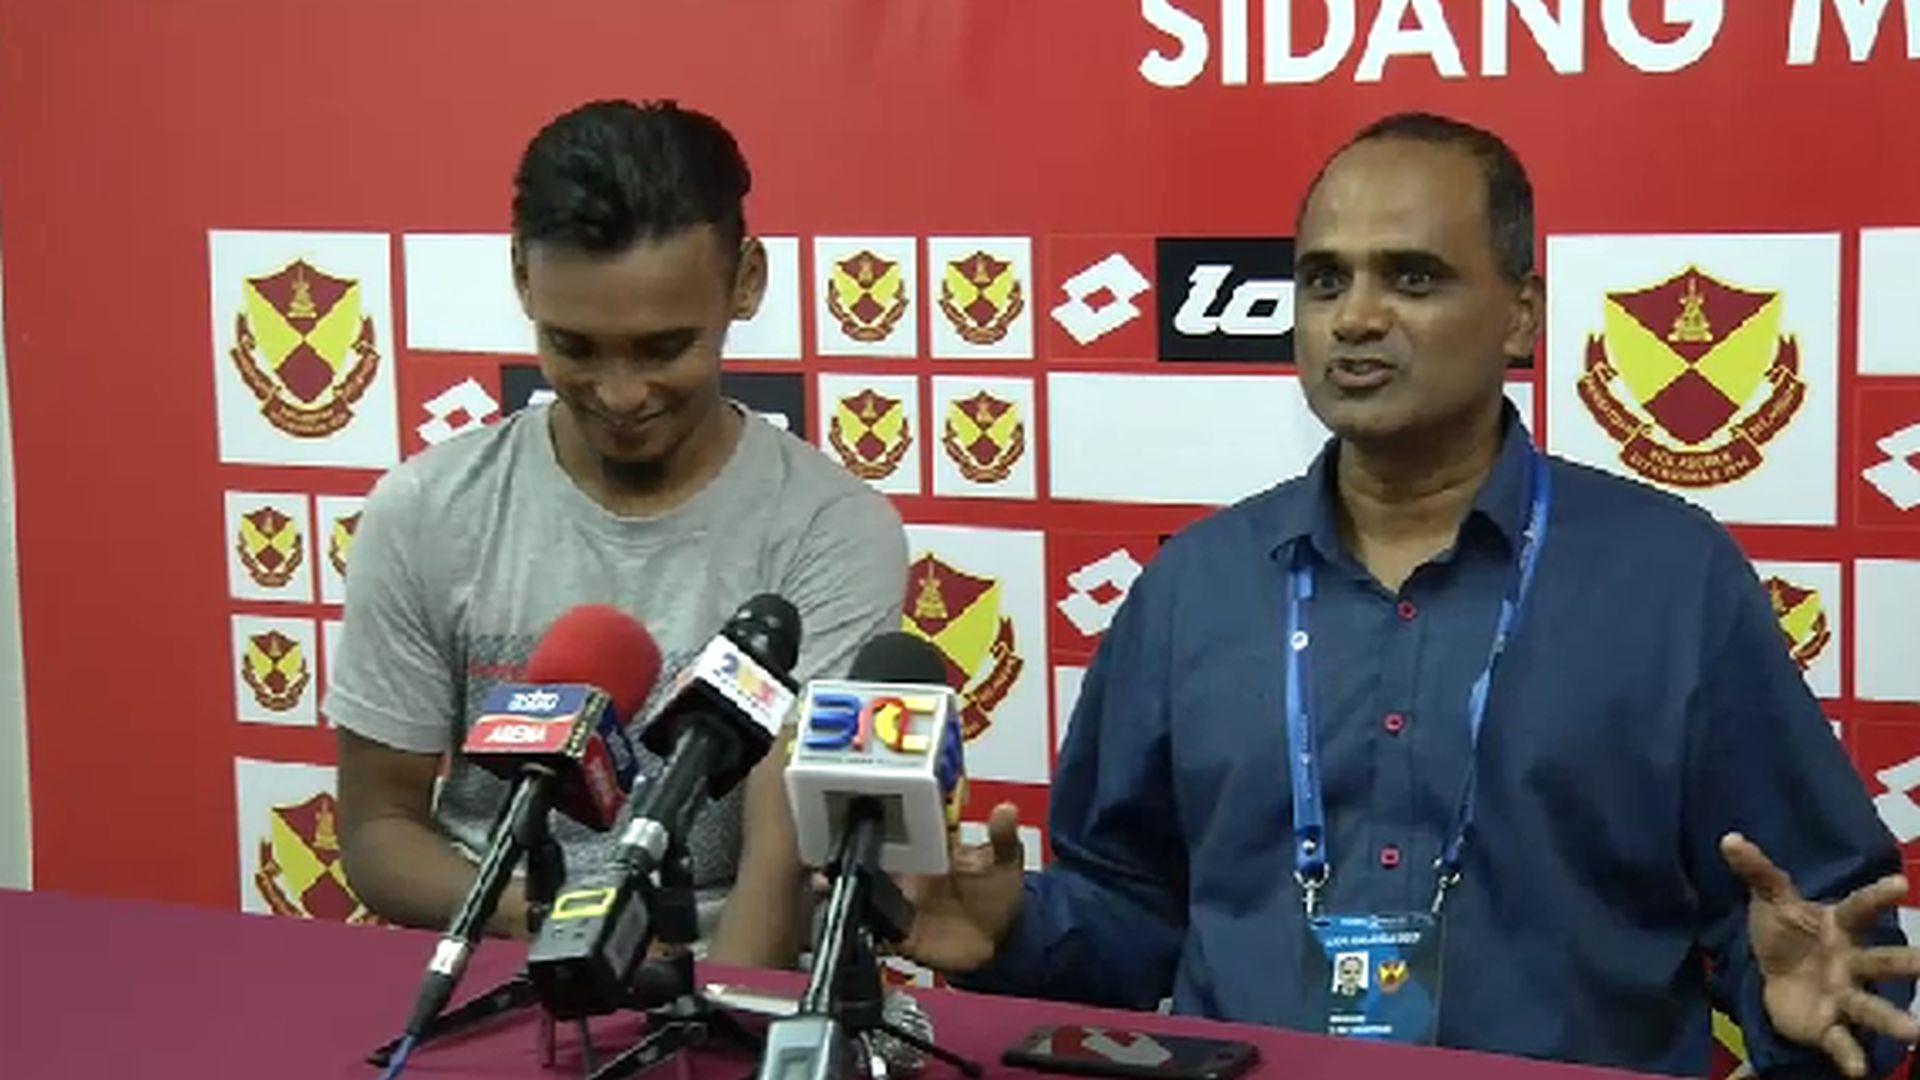 Tiada siapa jangka Selangor mampu raih kemenangan